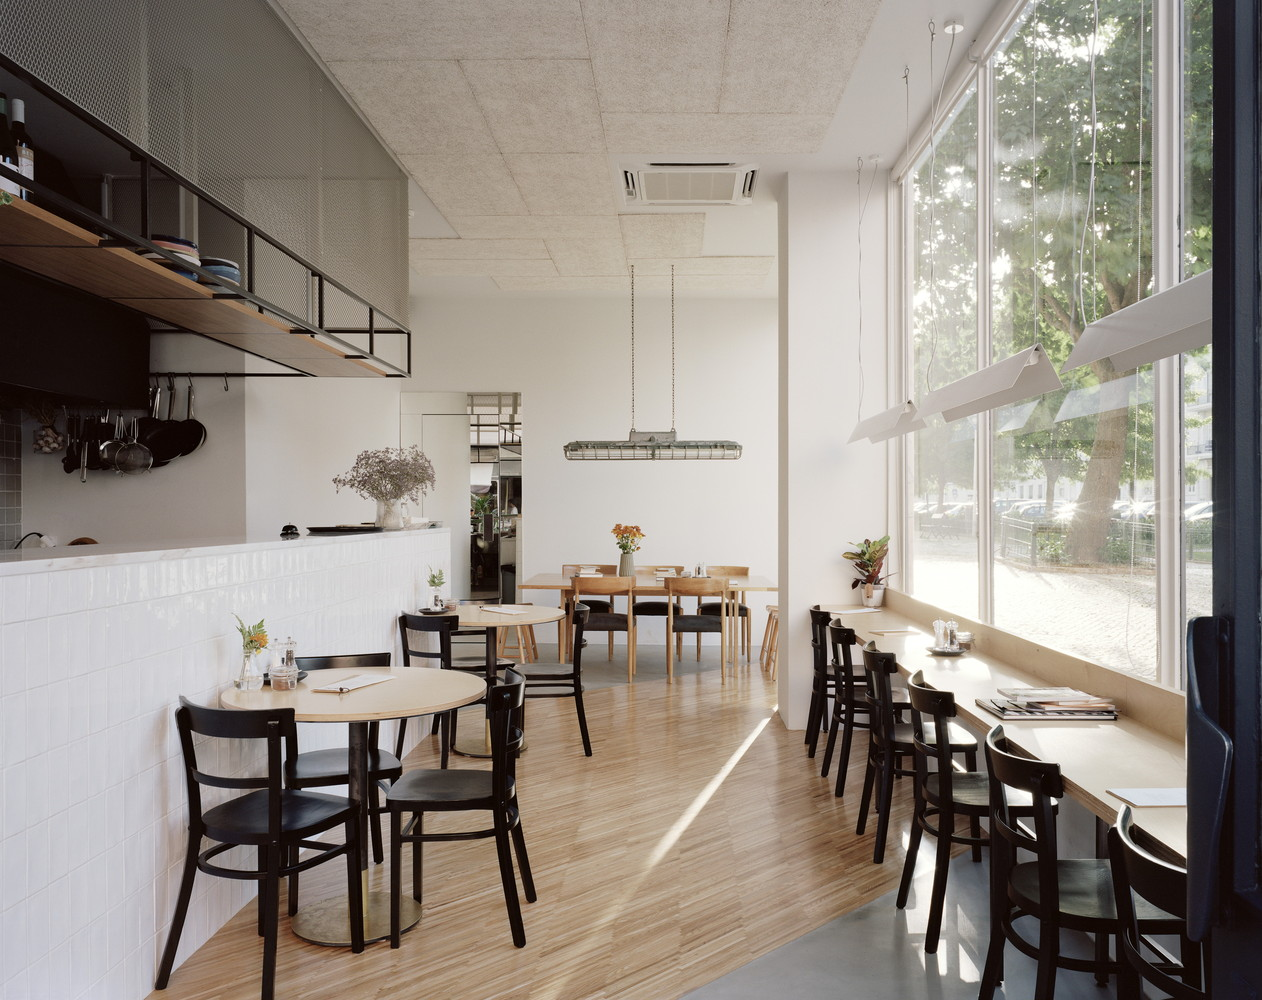 Restaurante Ela Canela / Gustavo Guimarães Arquitectura & Urbanismo